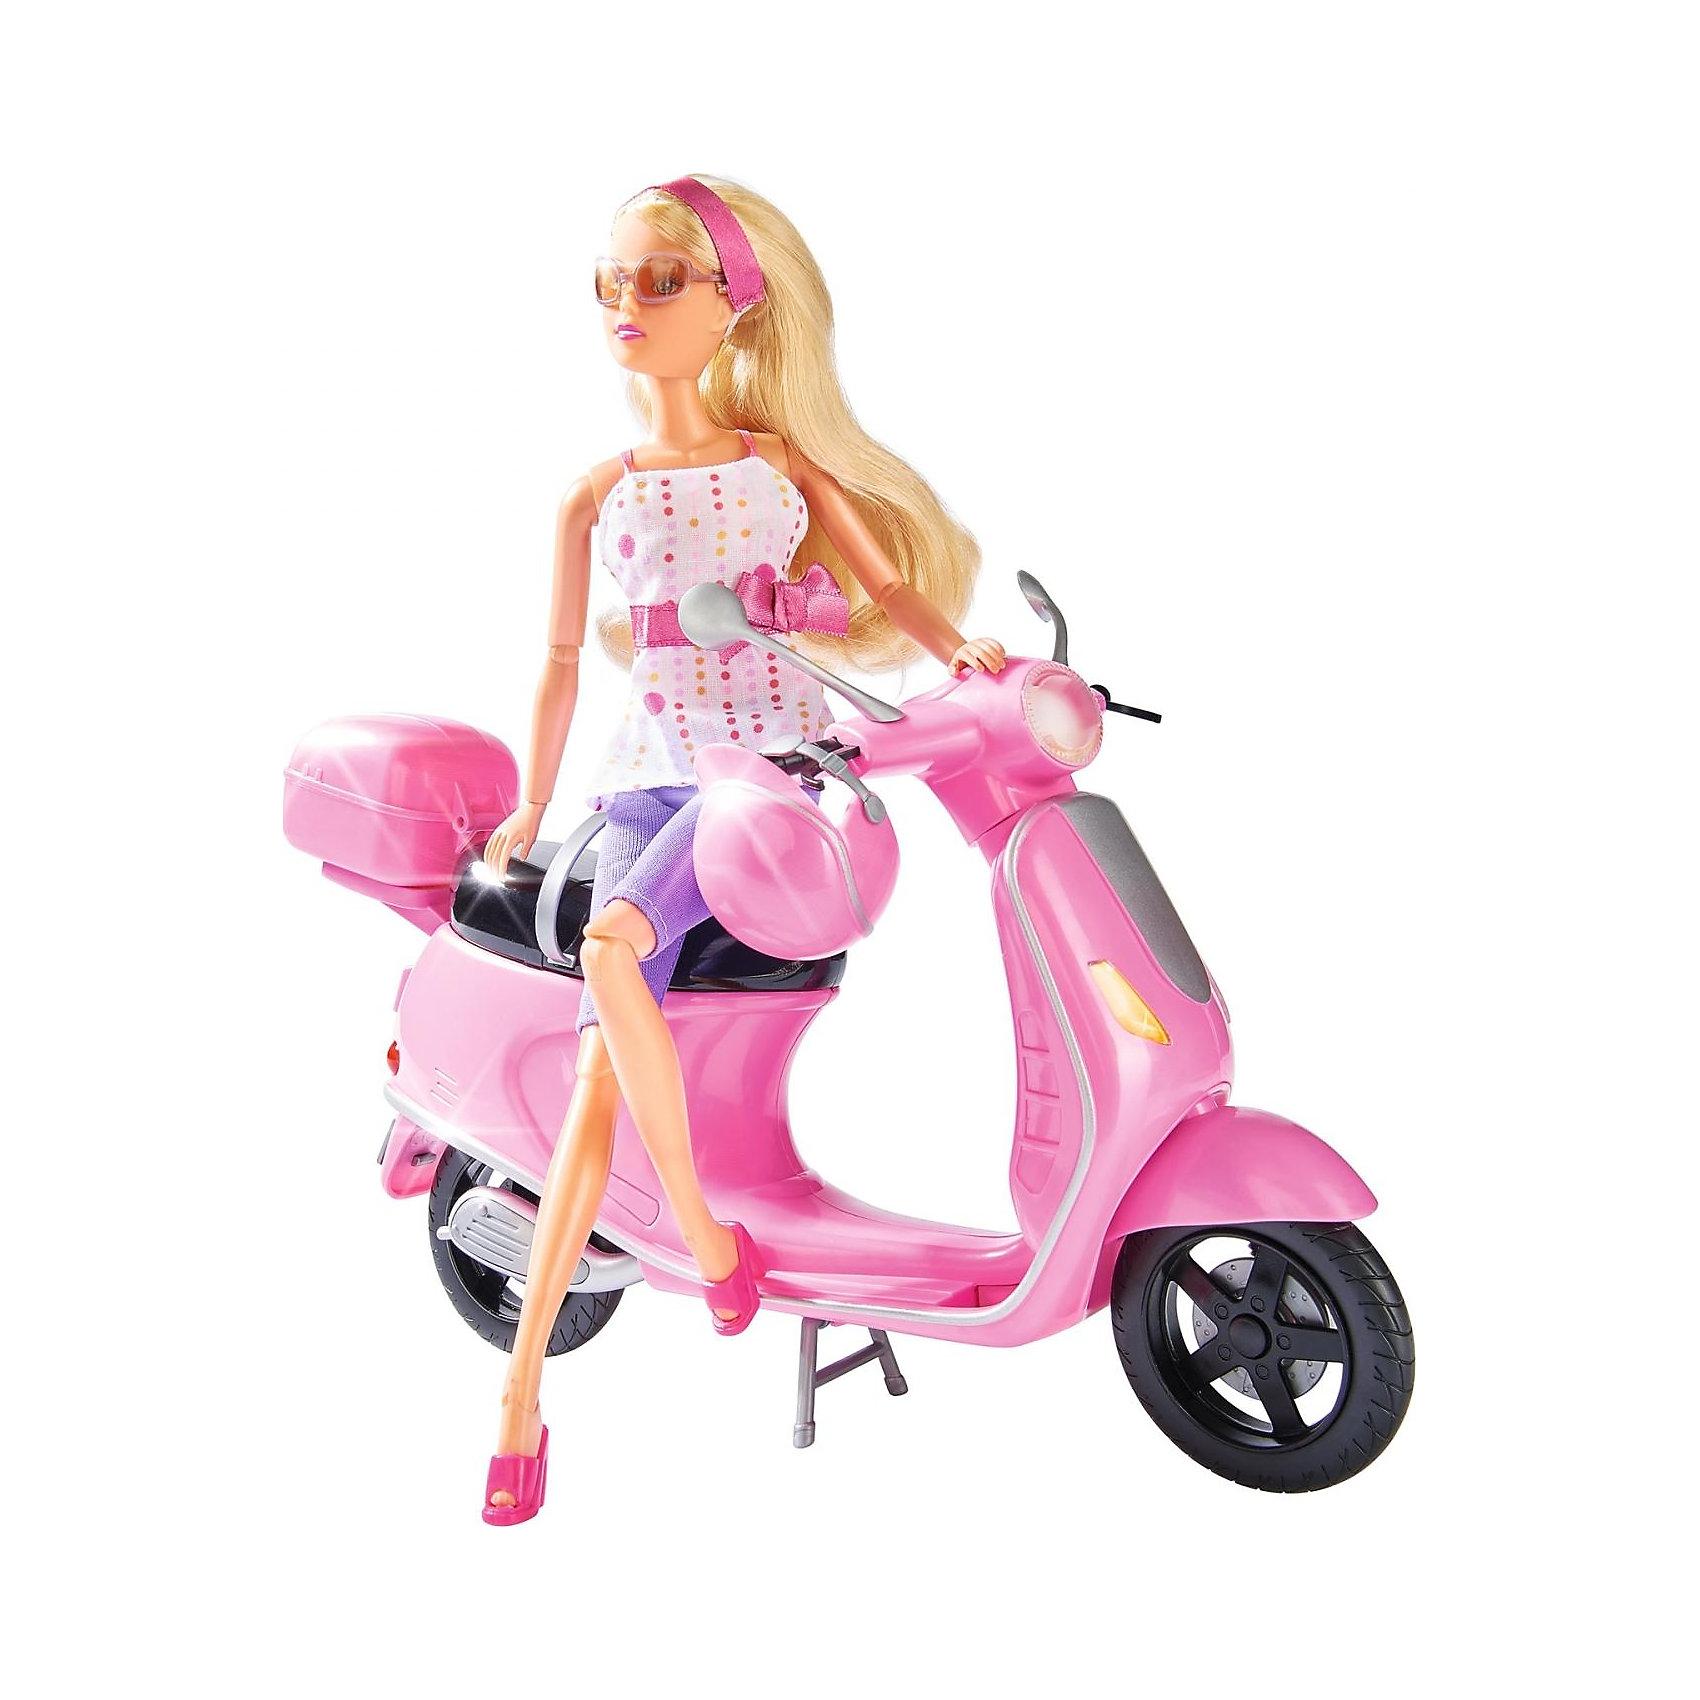 Simba             Штеффи на скутере, 6/12Коляски и транспорт для кукол<br>Simba Штеффи на скутере -  Штеффи (Steffi)  приобрела себе красивый розовый скутер, который идеально подходит для обзорных экскурсий по городу, и конечно же, шлем, чтобы путешествие было по-настоящему безопасным.<br>Штеффи обожает скорость и ведет активный образ жизни. Поэтому без скутера ей никак не обойтись.<br>У скутера есть сзади специальный отсек, куда можно убрать шлем в конце прогулки.<br><br>Дополнительная информация:<br><br>-  В набор входит: кукла с аксессуарами, скутер, шлем.<br>- Высота Штеффи: 29 см.<br>- Материалы: текстиль, пластмасса.<br>- Размеры упаковки: ширина: 32 см.; высота: 11 см.; глубина: 32.5 см.<br>-  Вес: 1 кг.<br><br>Отличный игровой набор, который наверняка понравится вашему ребенку! Игрушка развивает воображение, фантазию и творческие способности.<br><br>Купить игрушку можно в нашем магазине.<br><br>Ширина мм: 335<br>Глубина мм: 330<br>Высота мм: 121<br>Вес г: 662<br>Возраст от месяцев: 36<br>Возраст до месяцев: 72<br>Пол: Женский<br>Возраст: Детский<br>SKU: 1987254